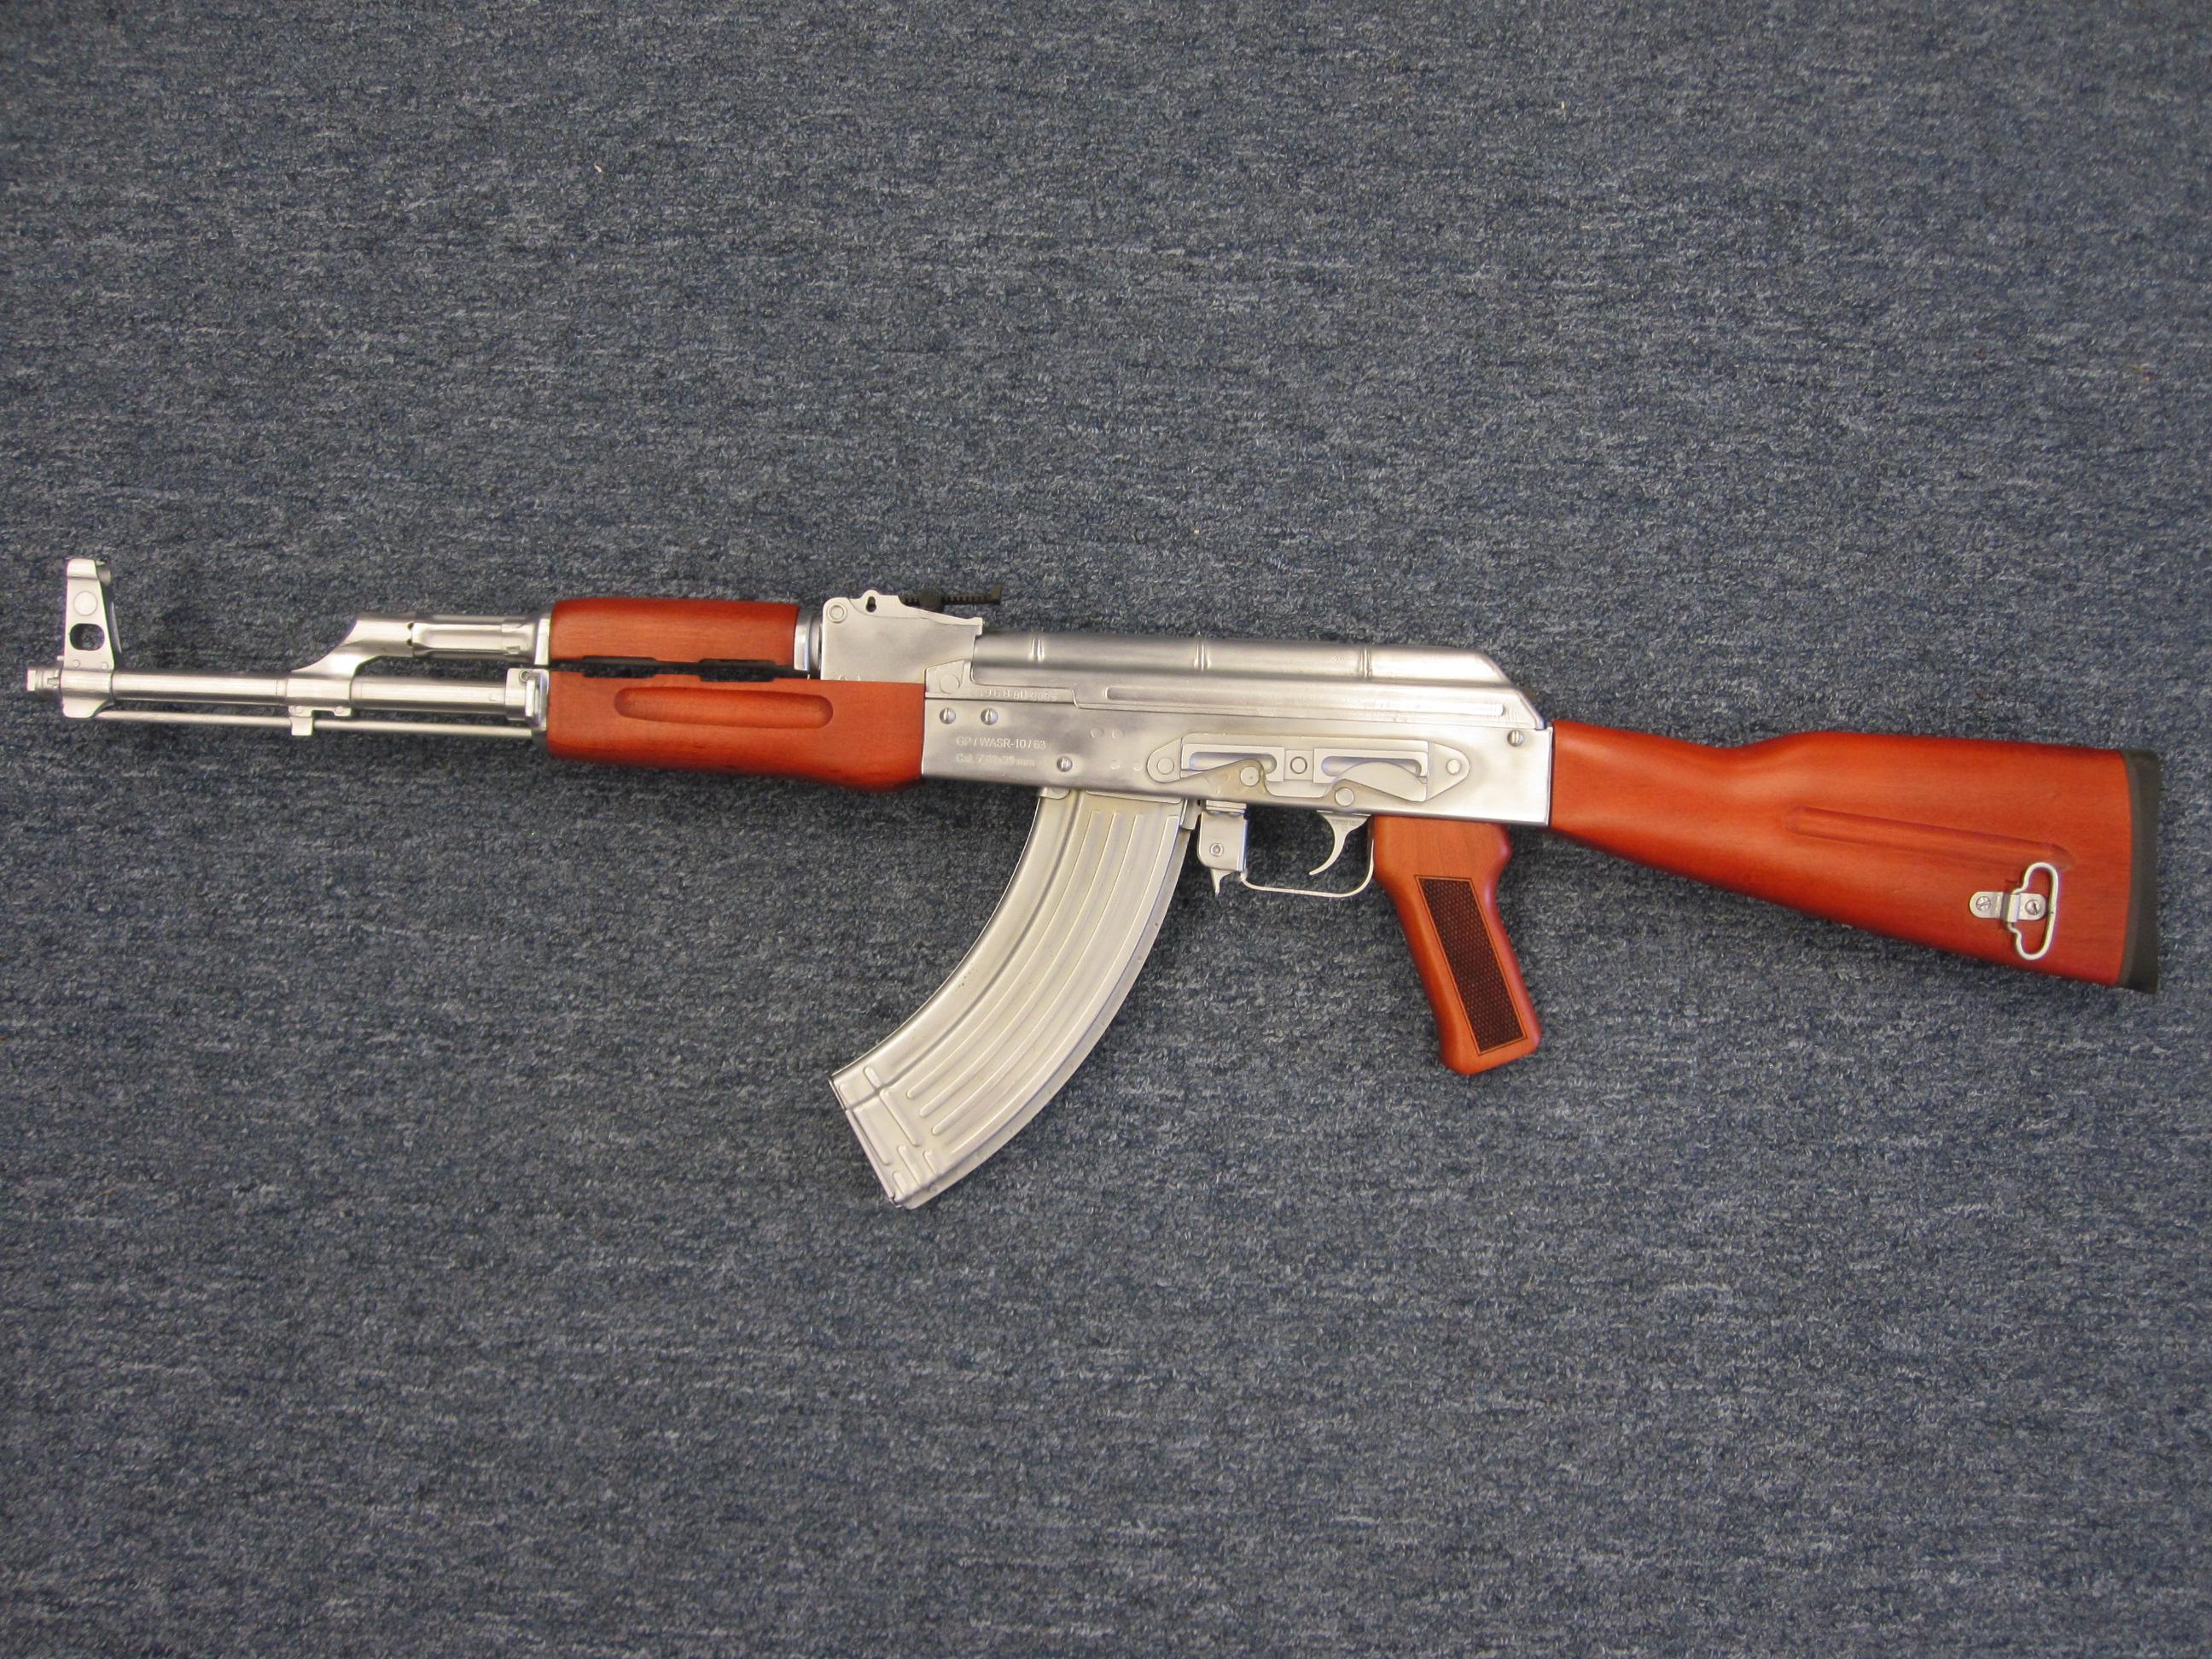 Brushed Nickel AK47